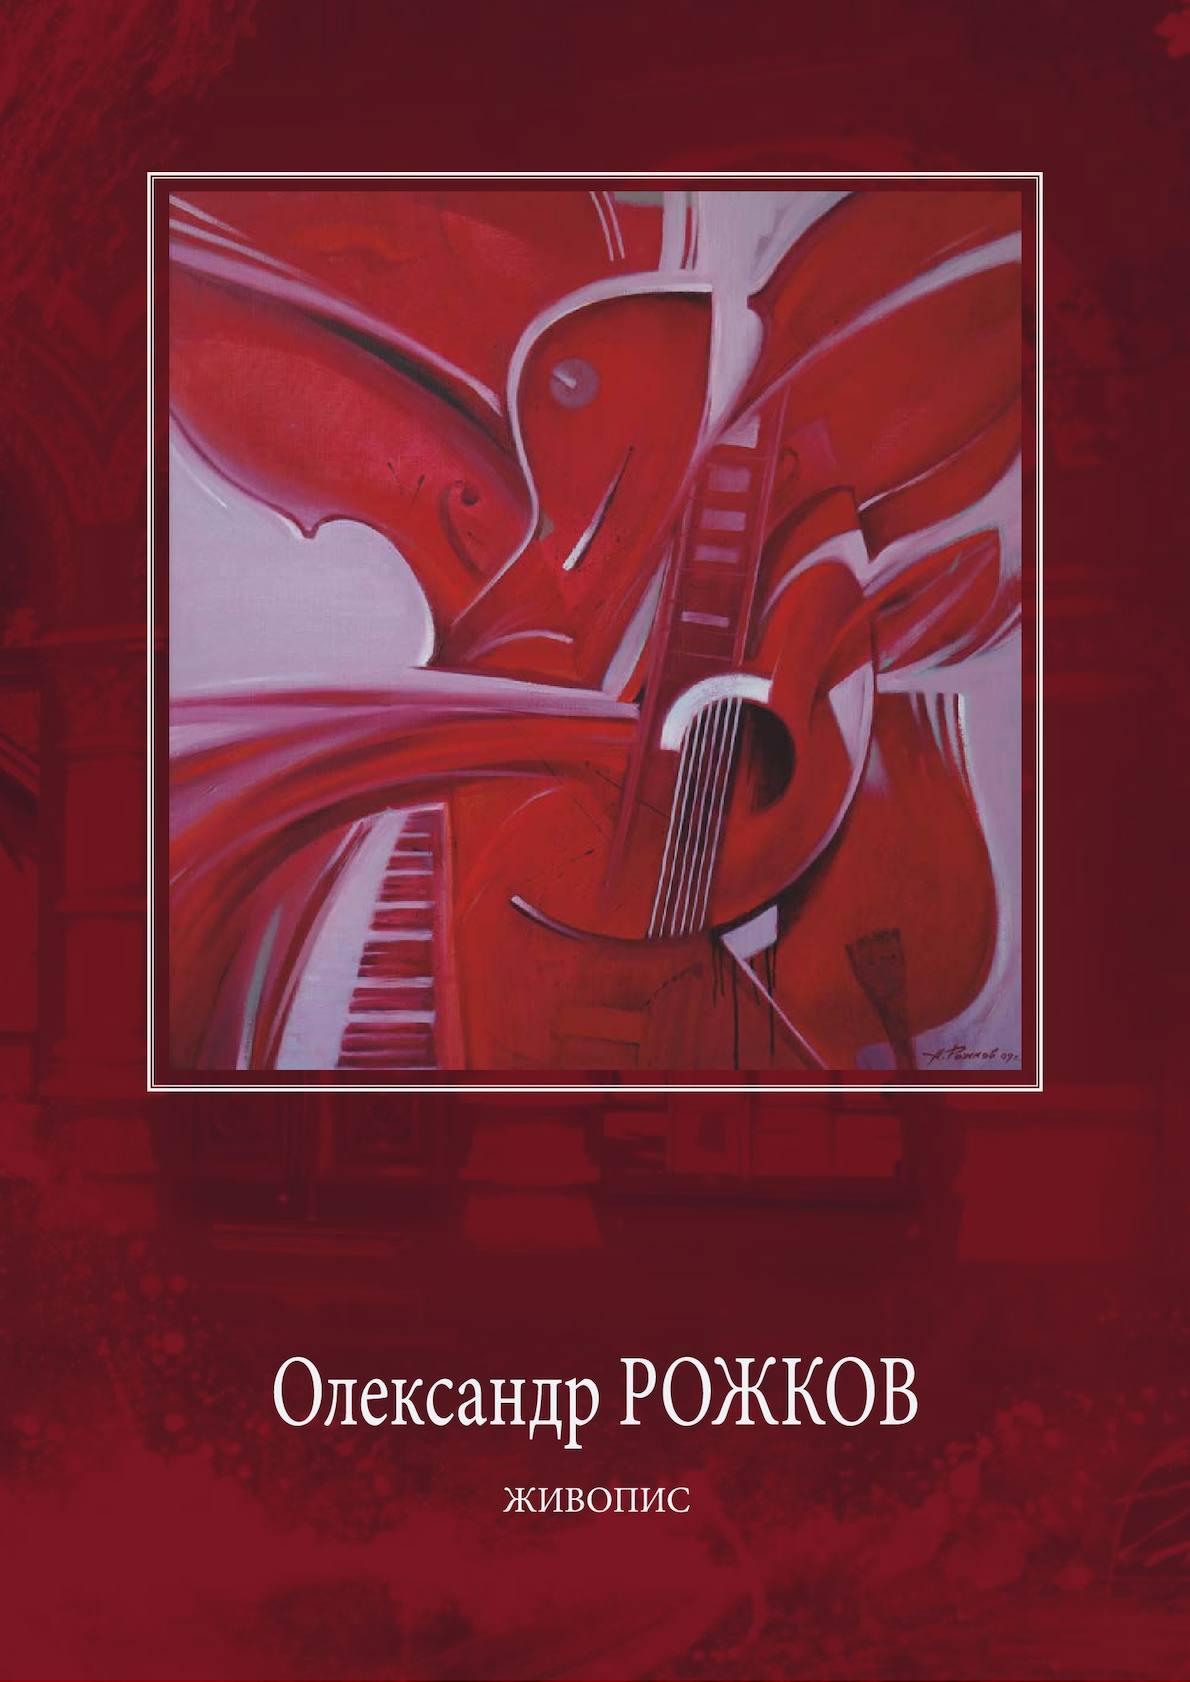 Олександр Рожков. Живопис